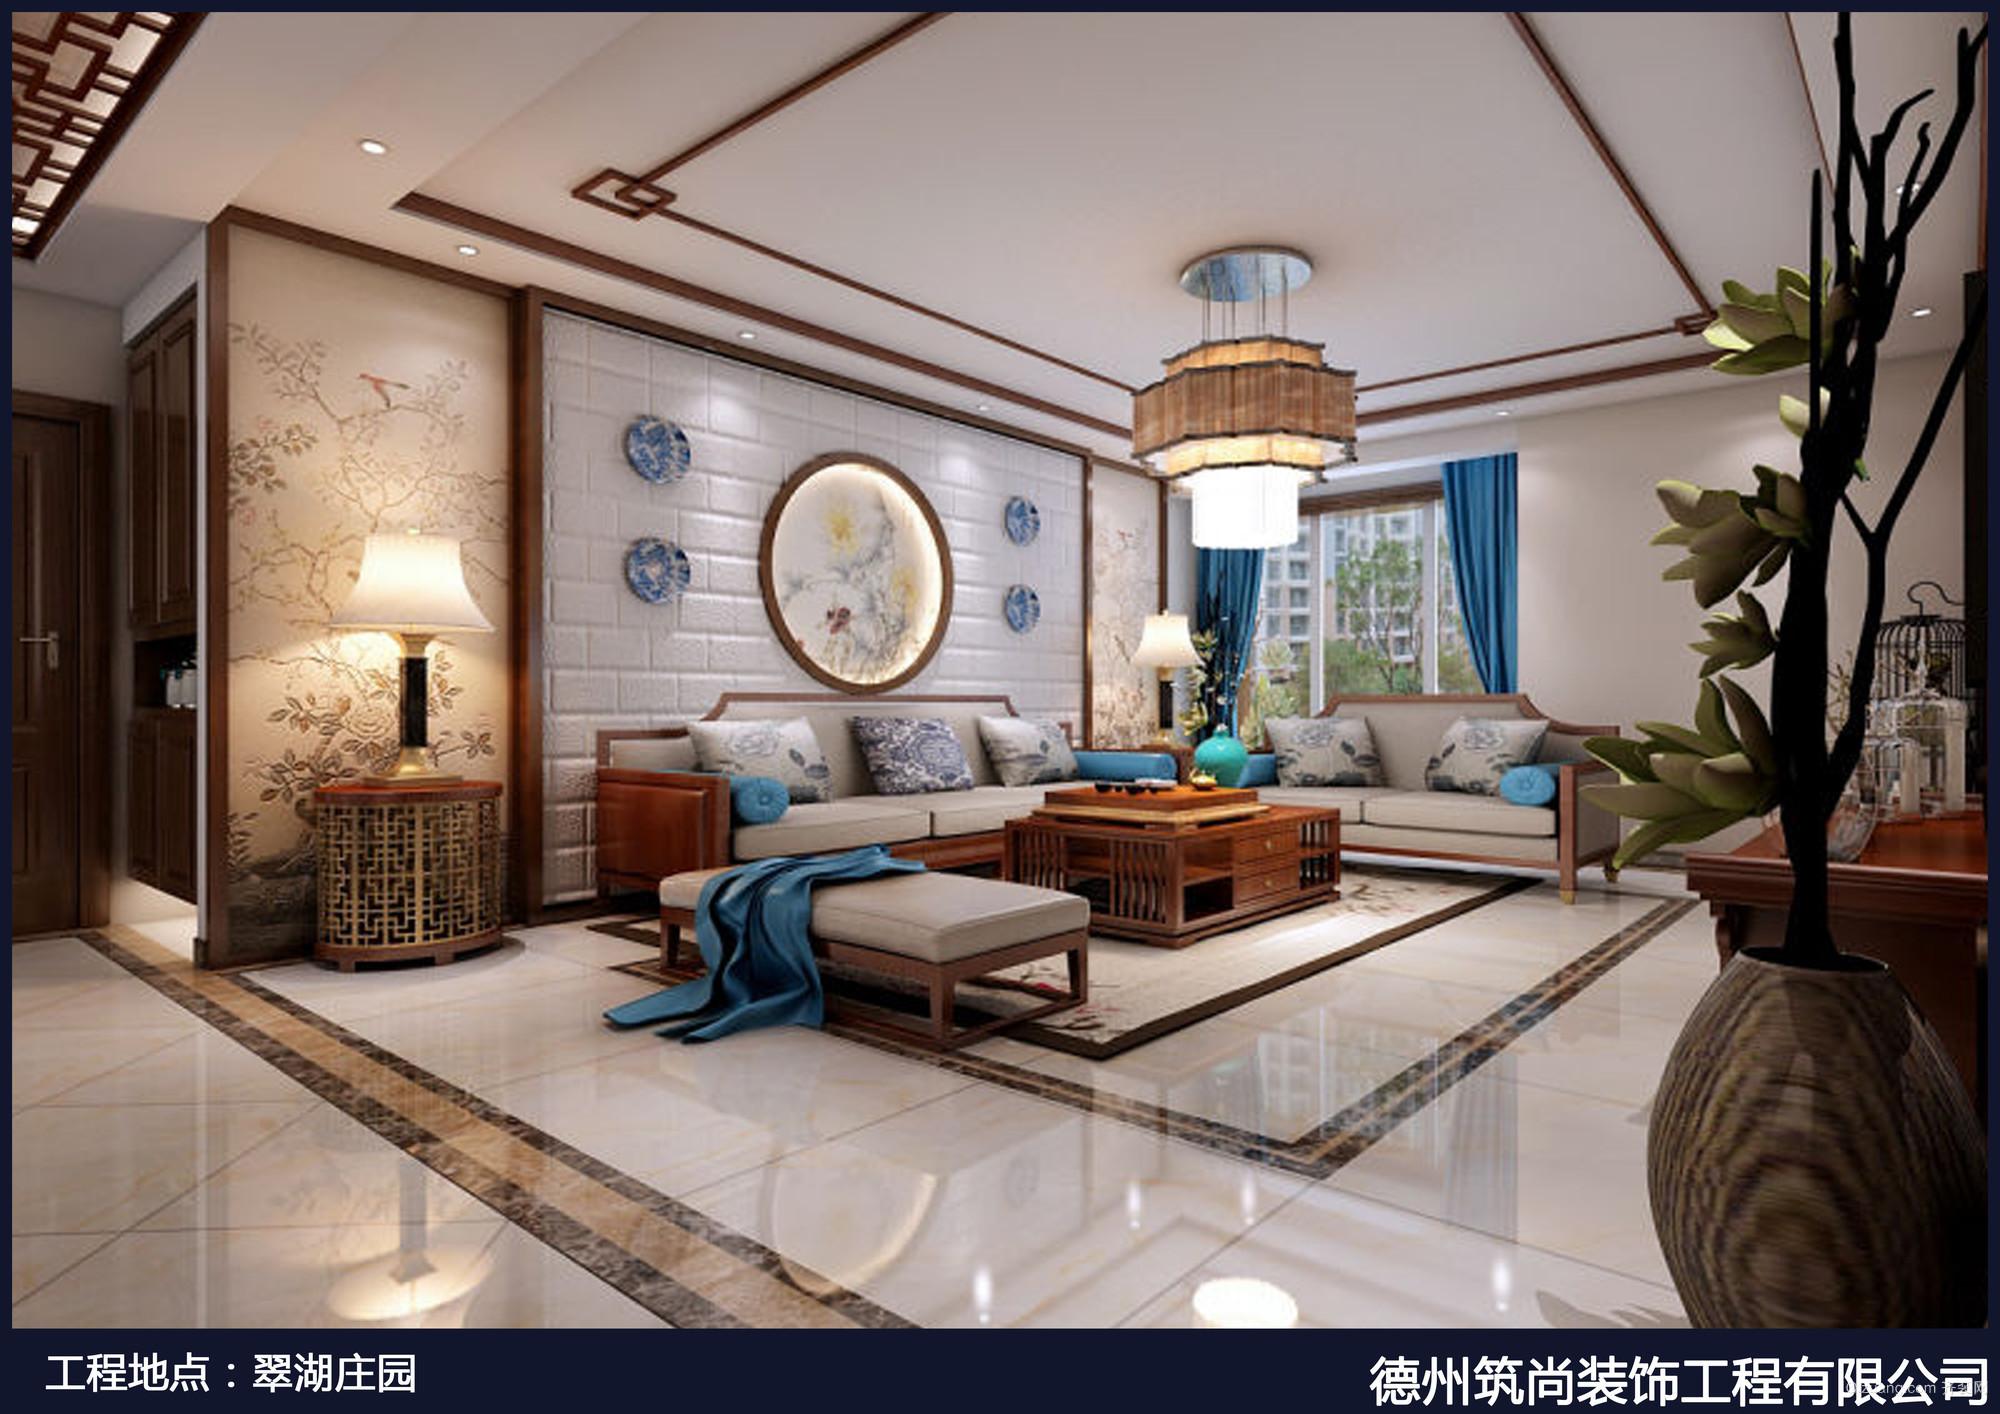 翠湖庄园中式风格装修效果图实景图